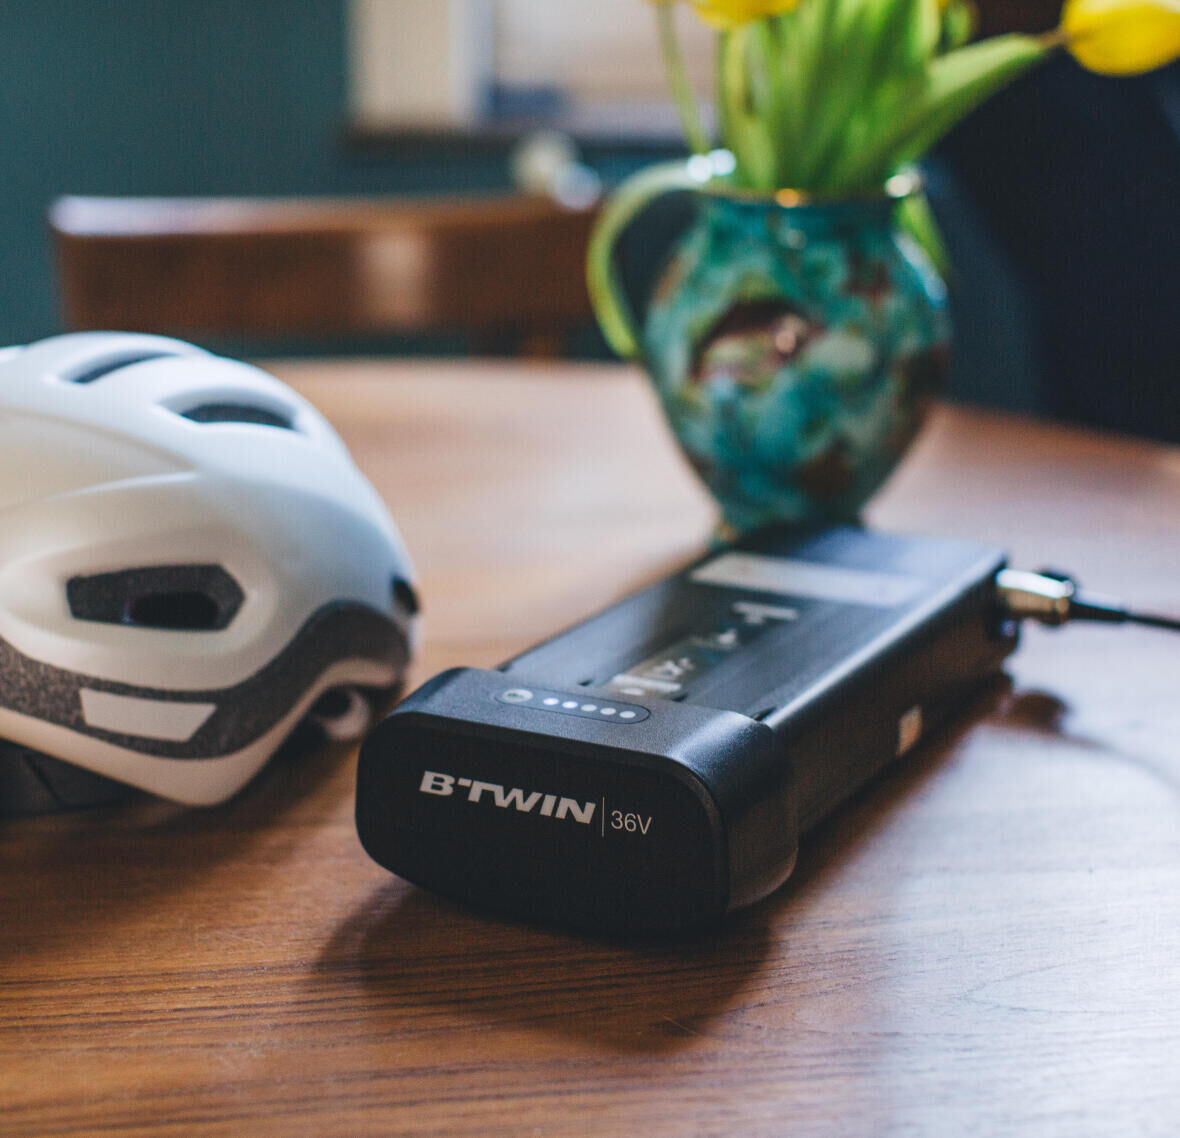 Comment optimiser la batterie de vélo à assistance électrique (VAE) ?